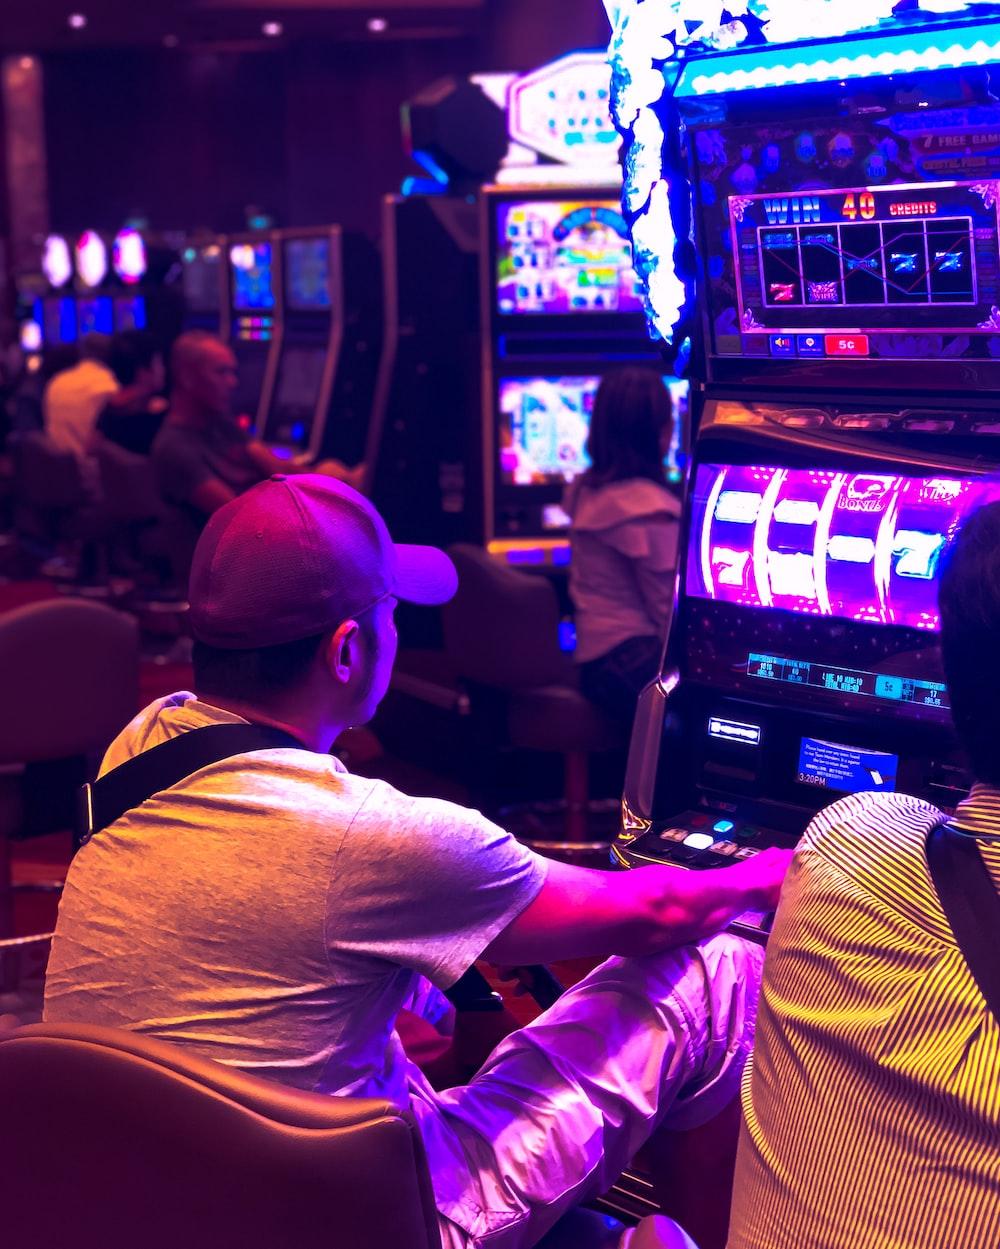 man in white t-shirt playing arcade game